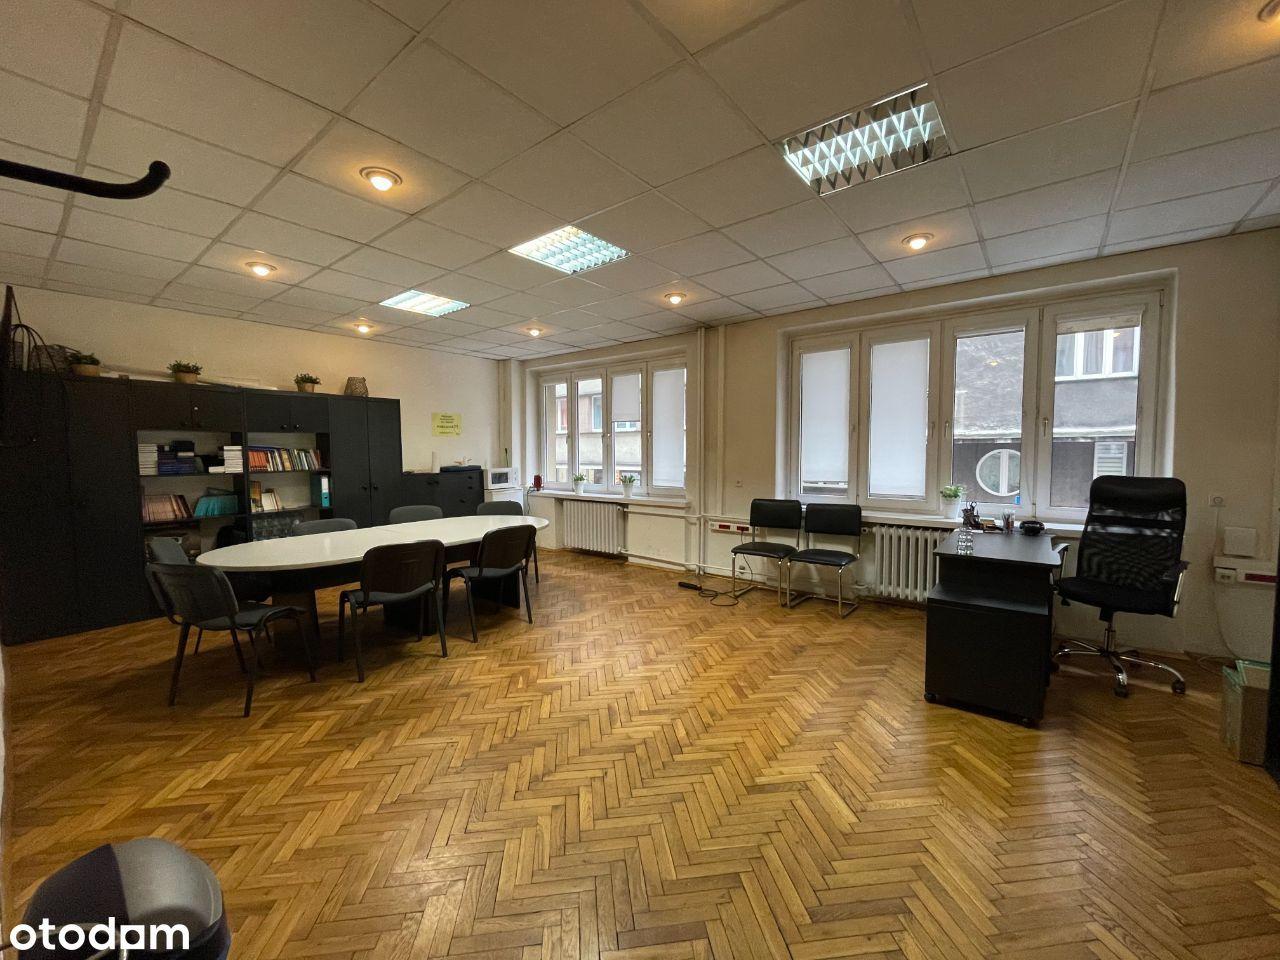 Gotowiec inwestycyjny! Lokal biurowy 34m2, centrum